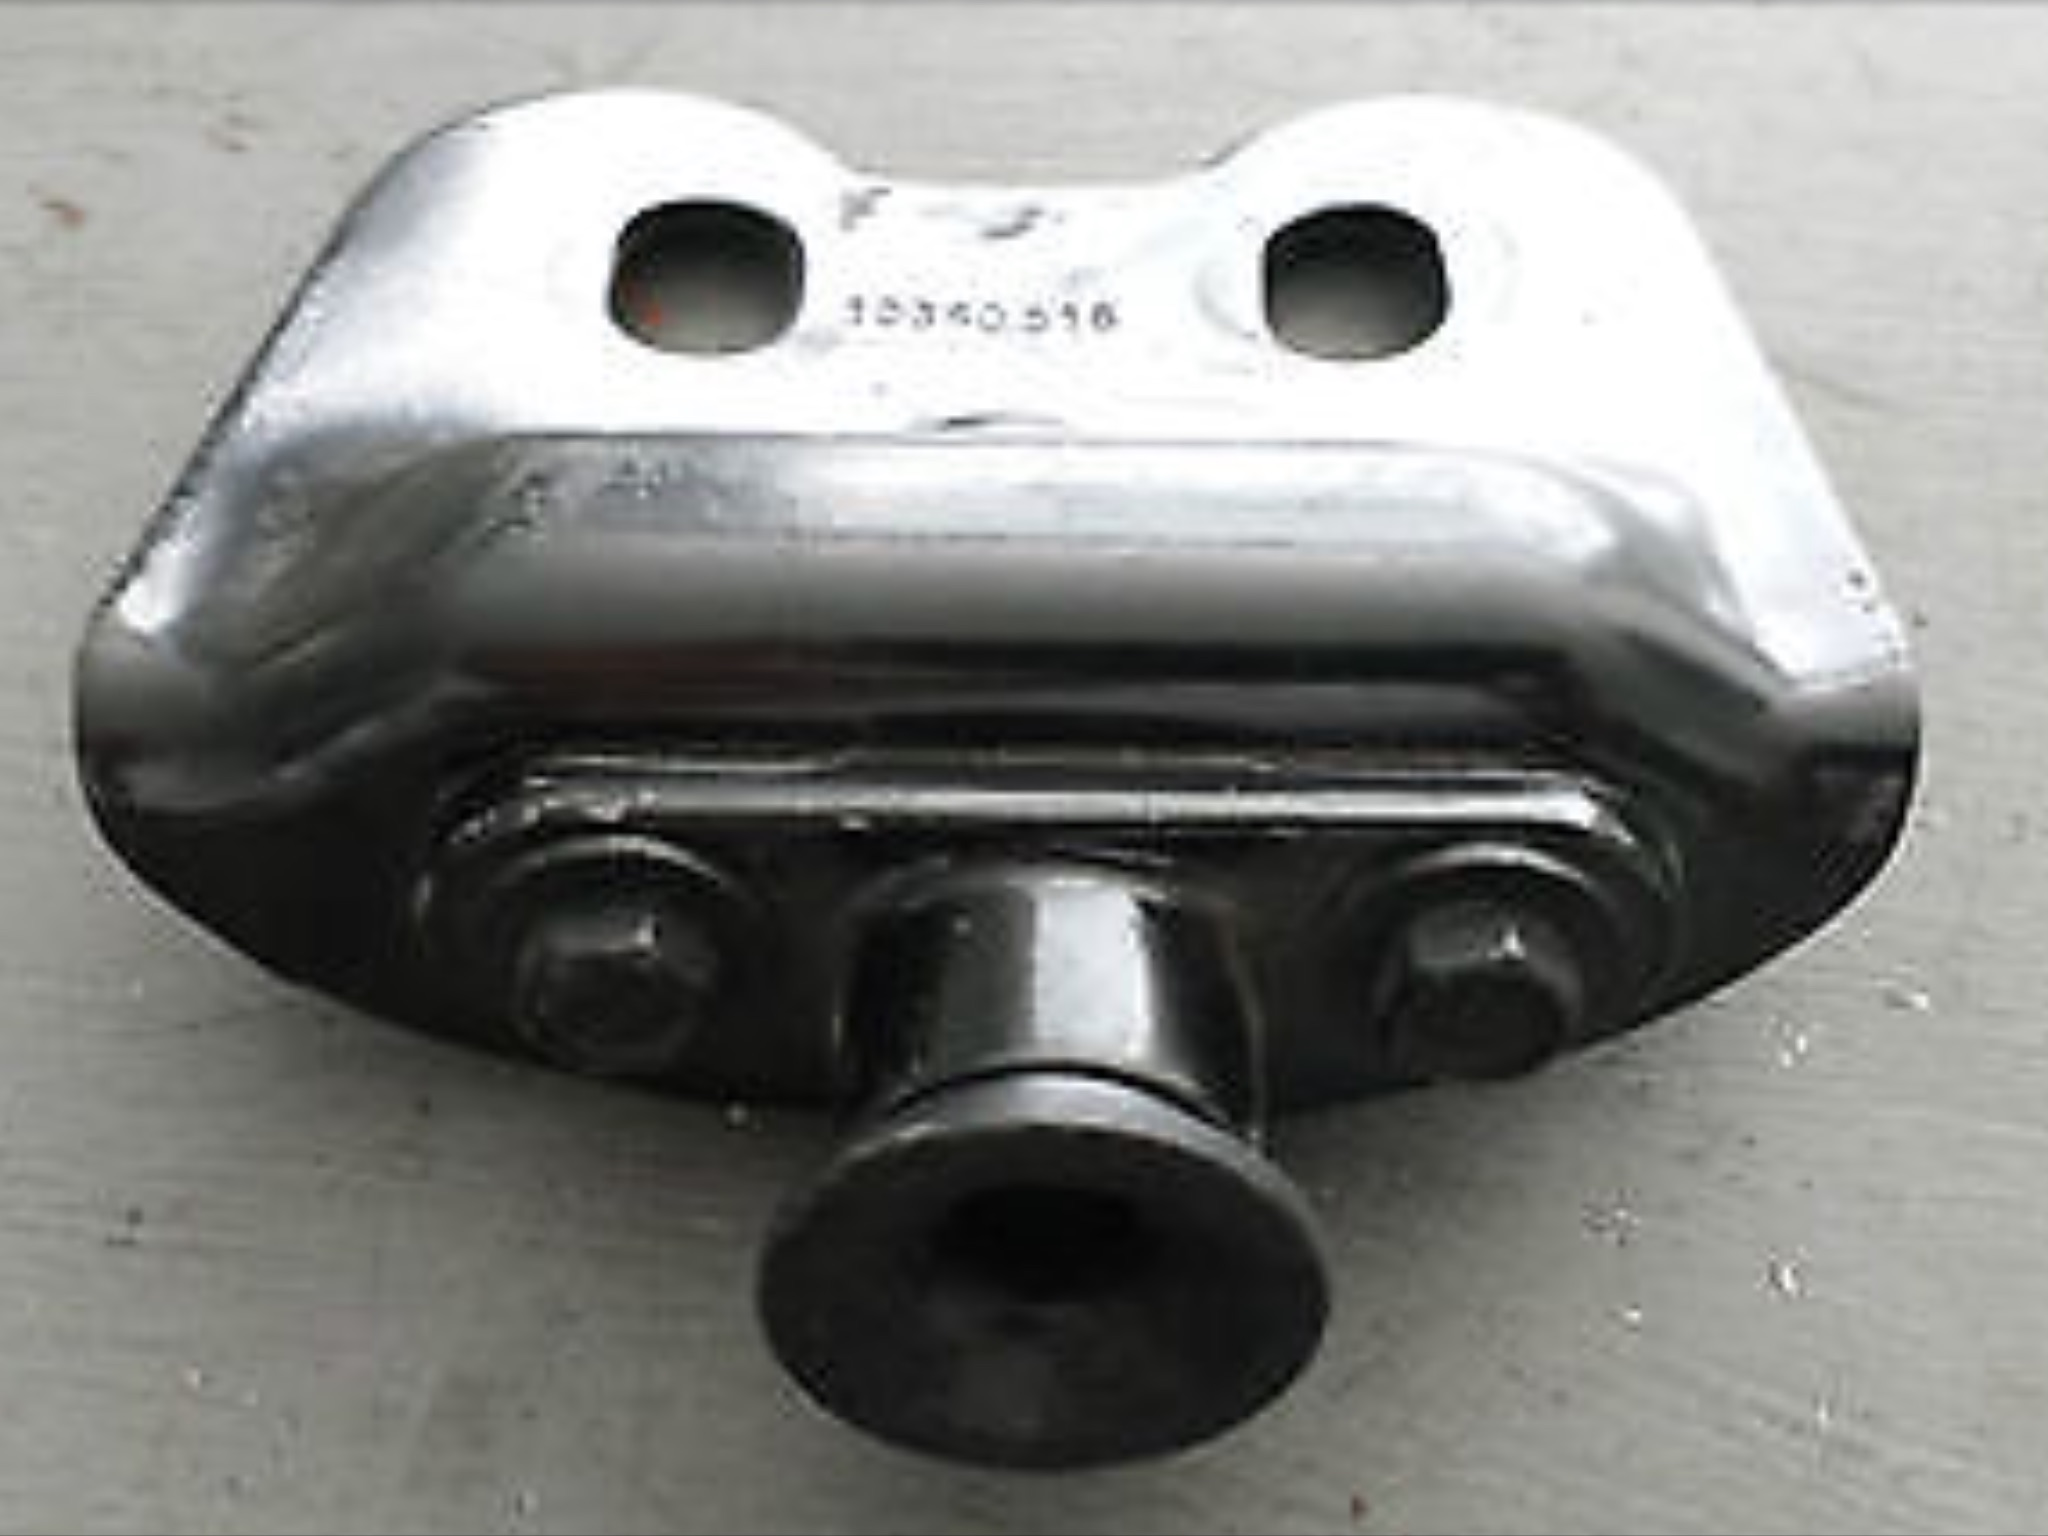 10340516, Bracket GM part